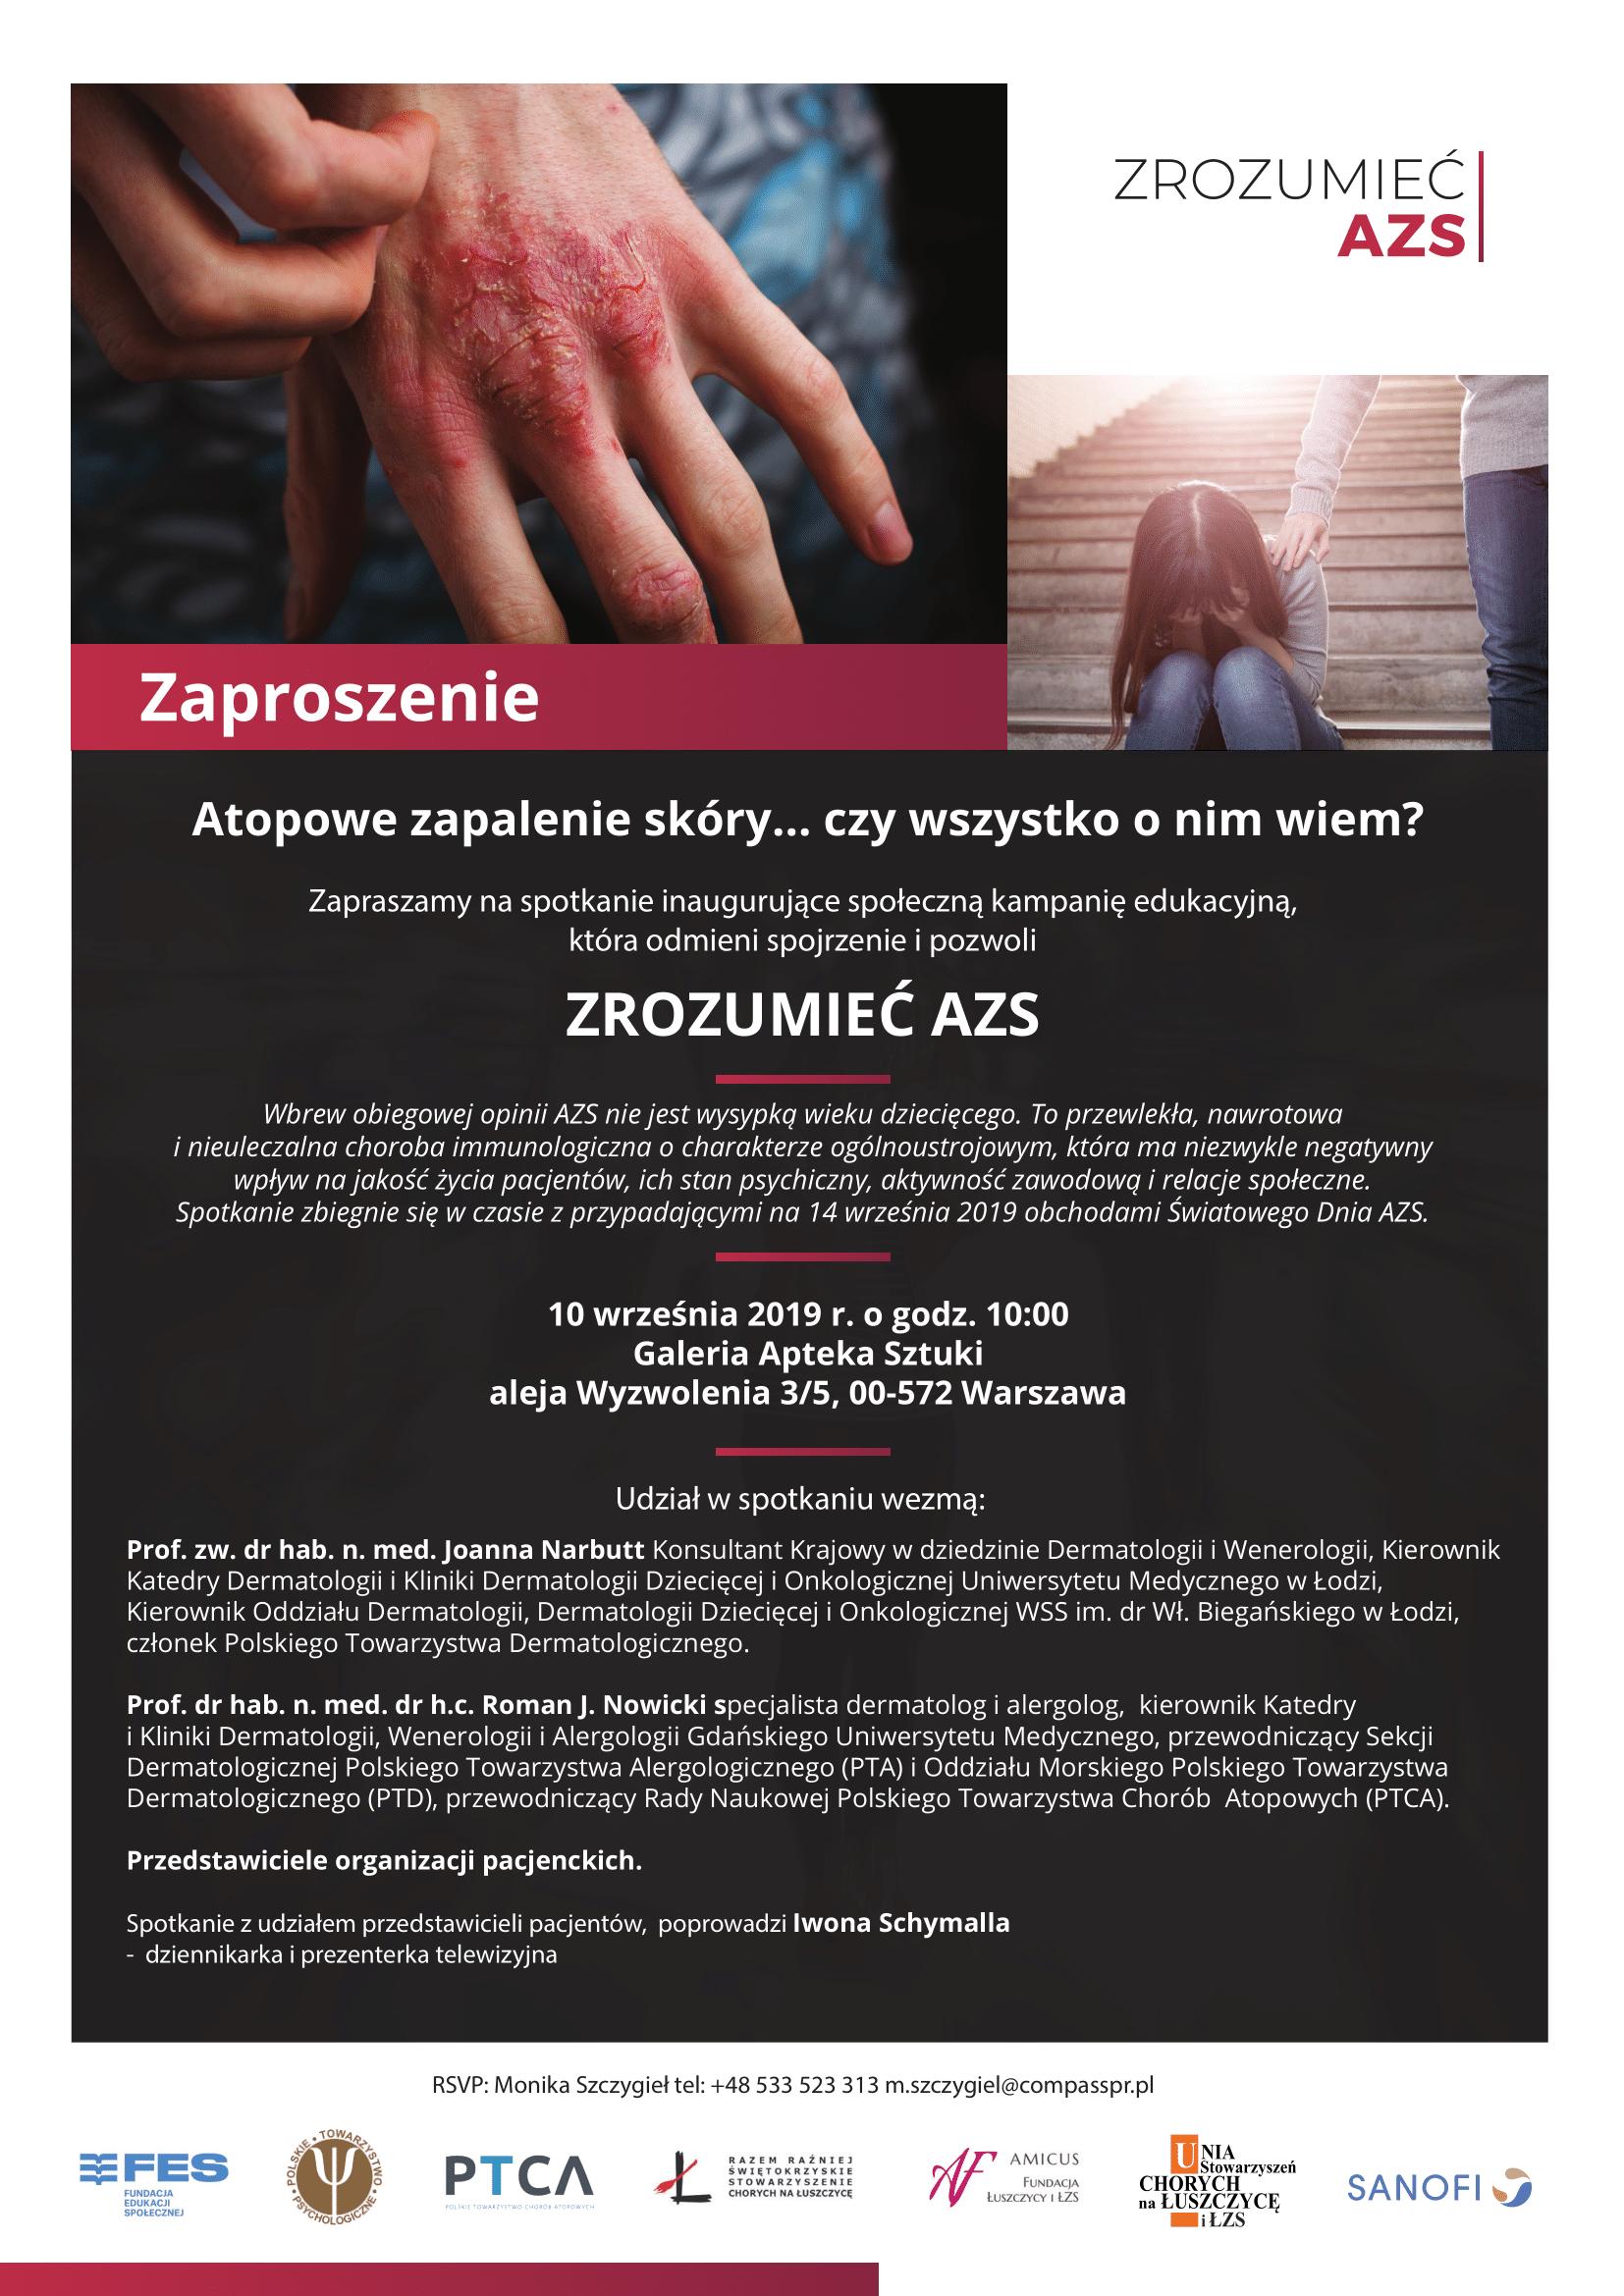 zaproszenie-konferencja-zrozumie-azs-1